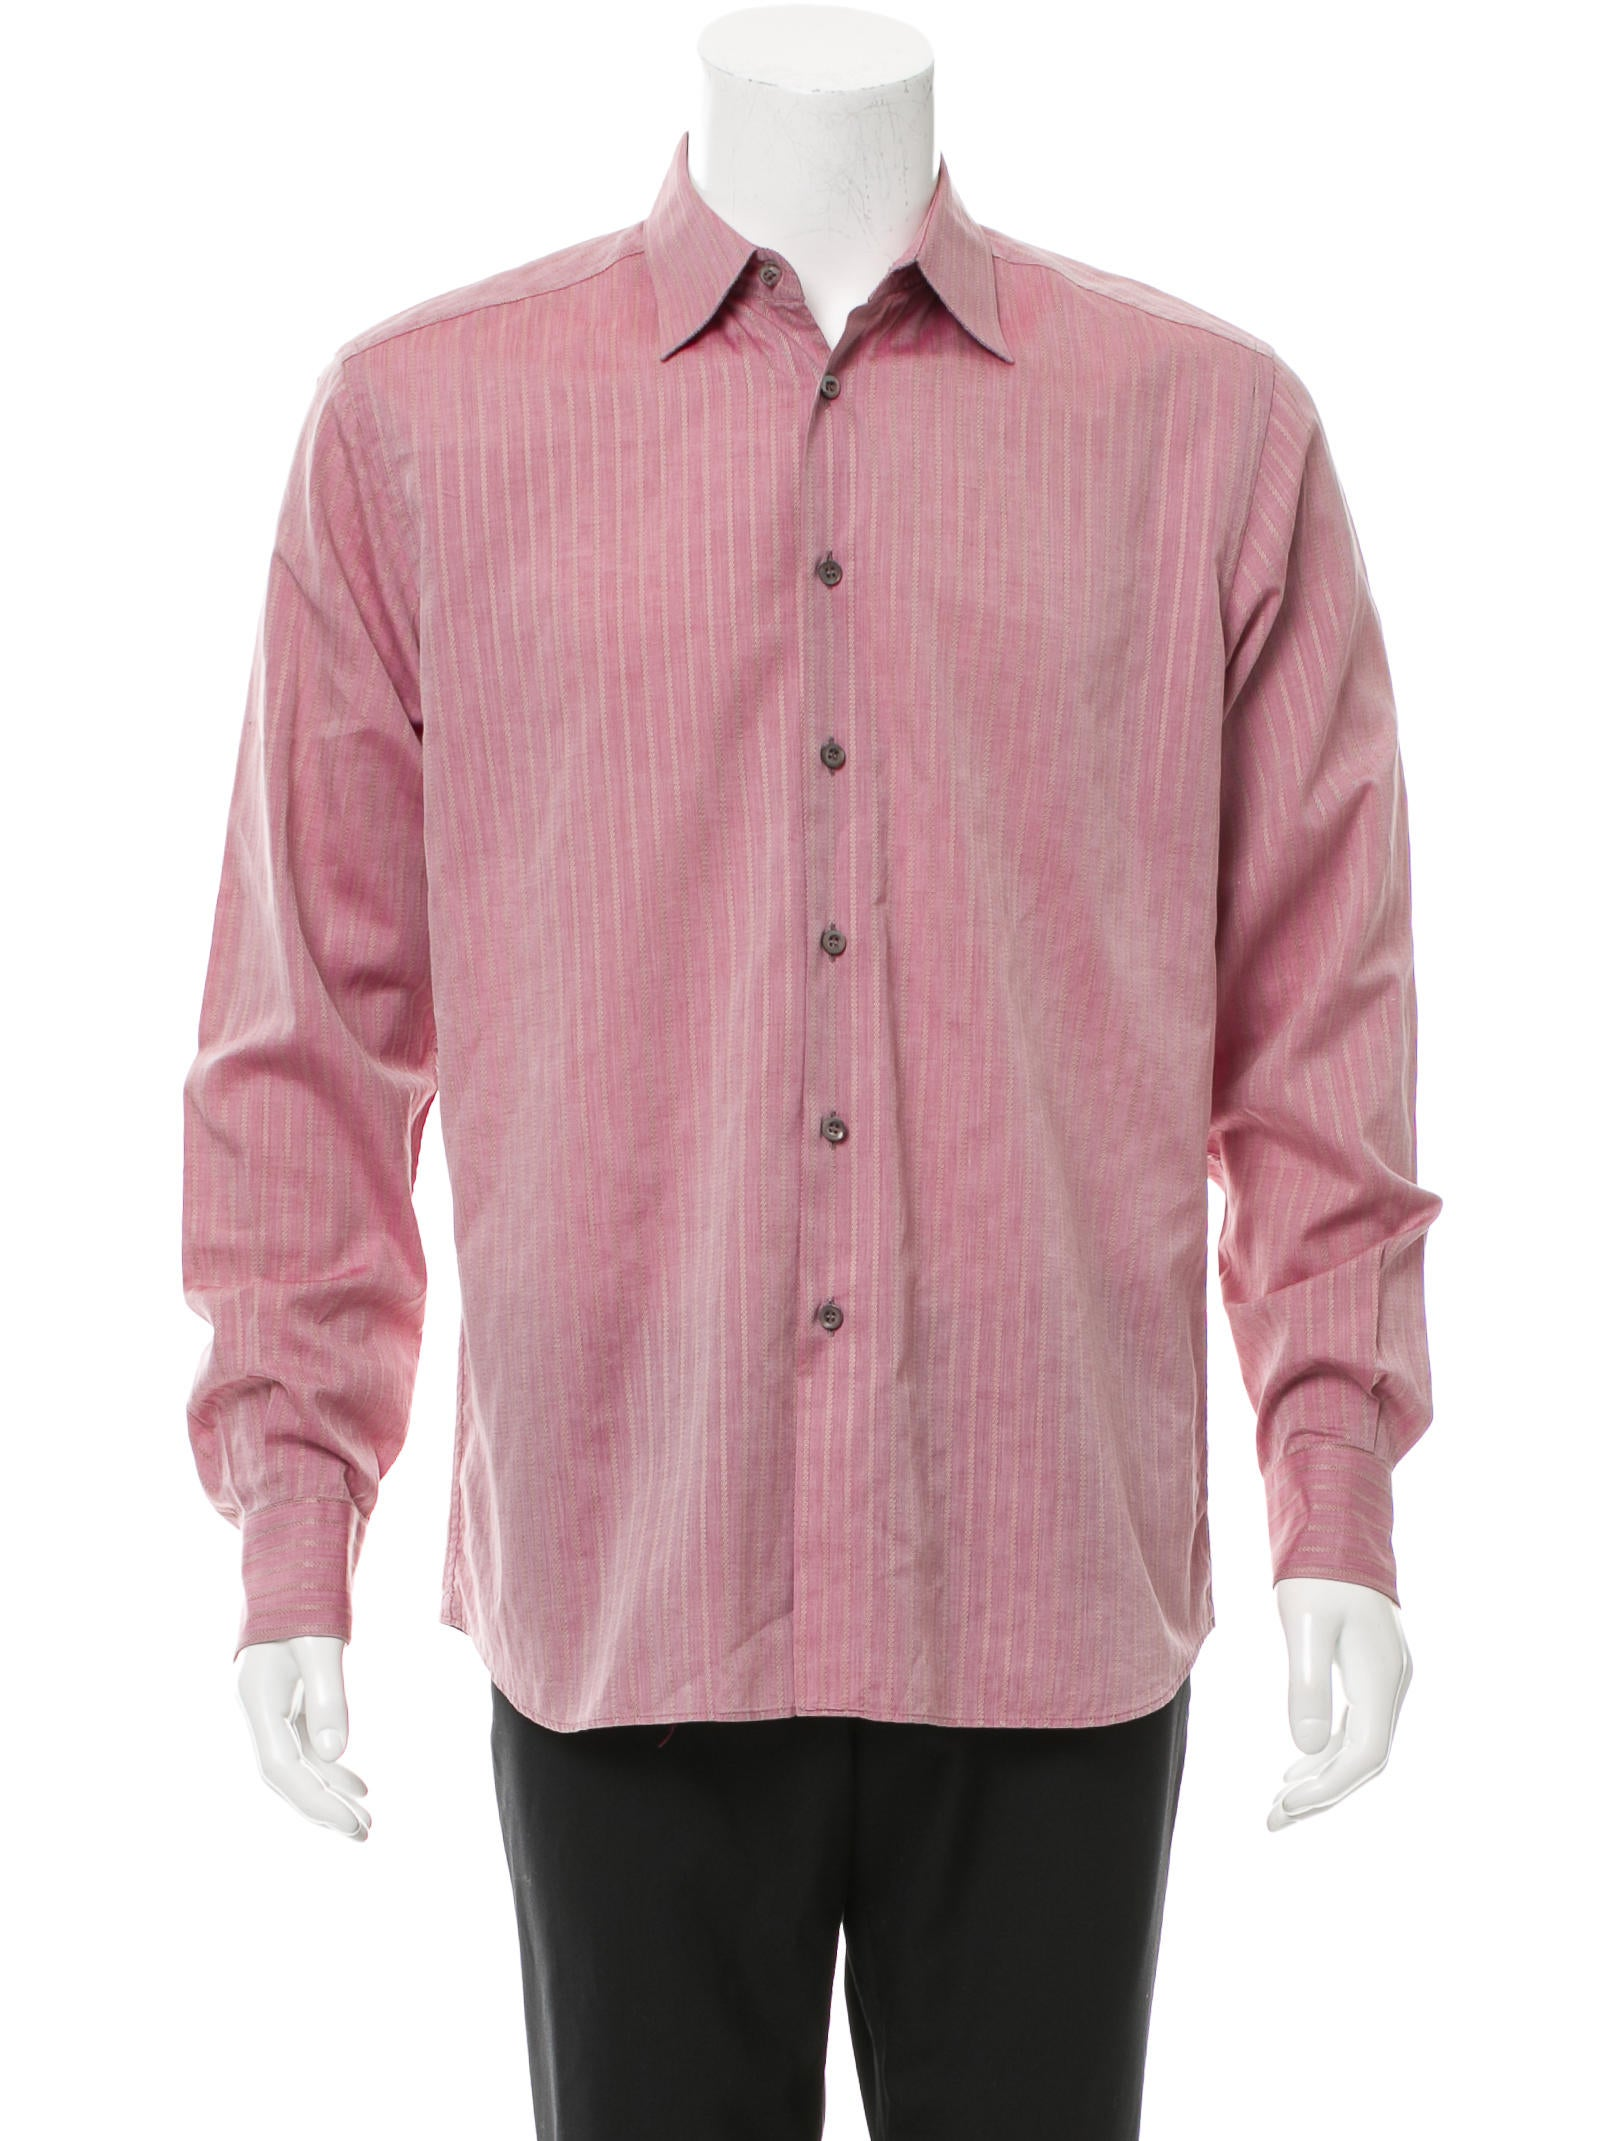 Prada striped button up shirt clothing pra131644 the for Striped button up shirt mens